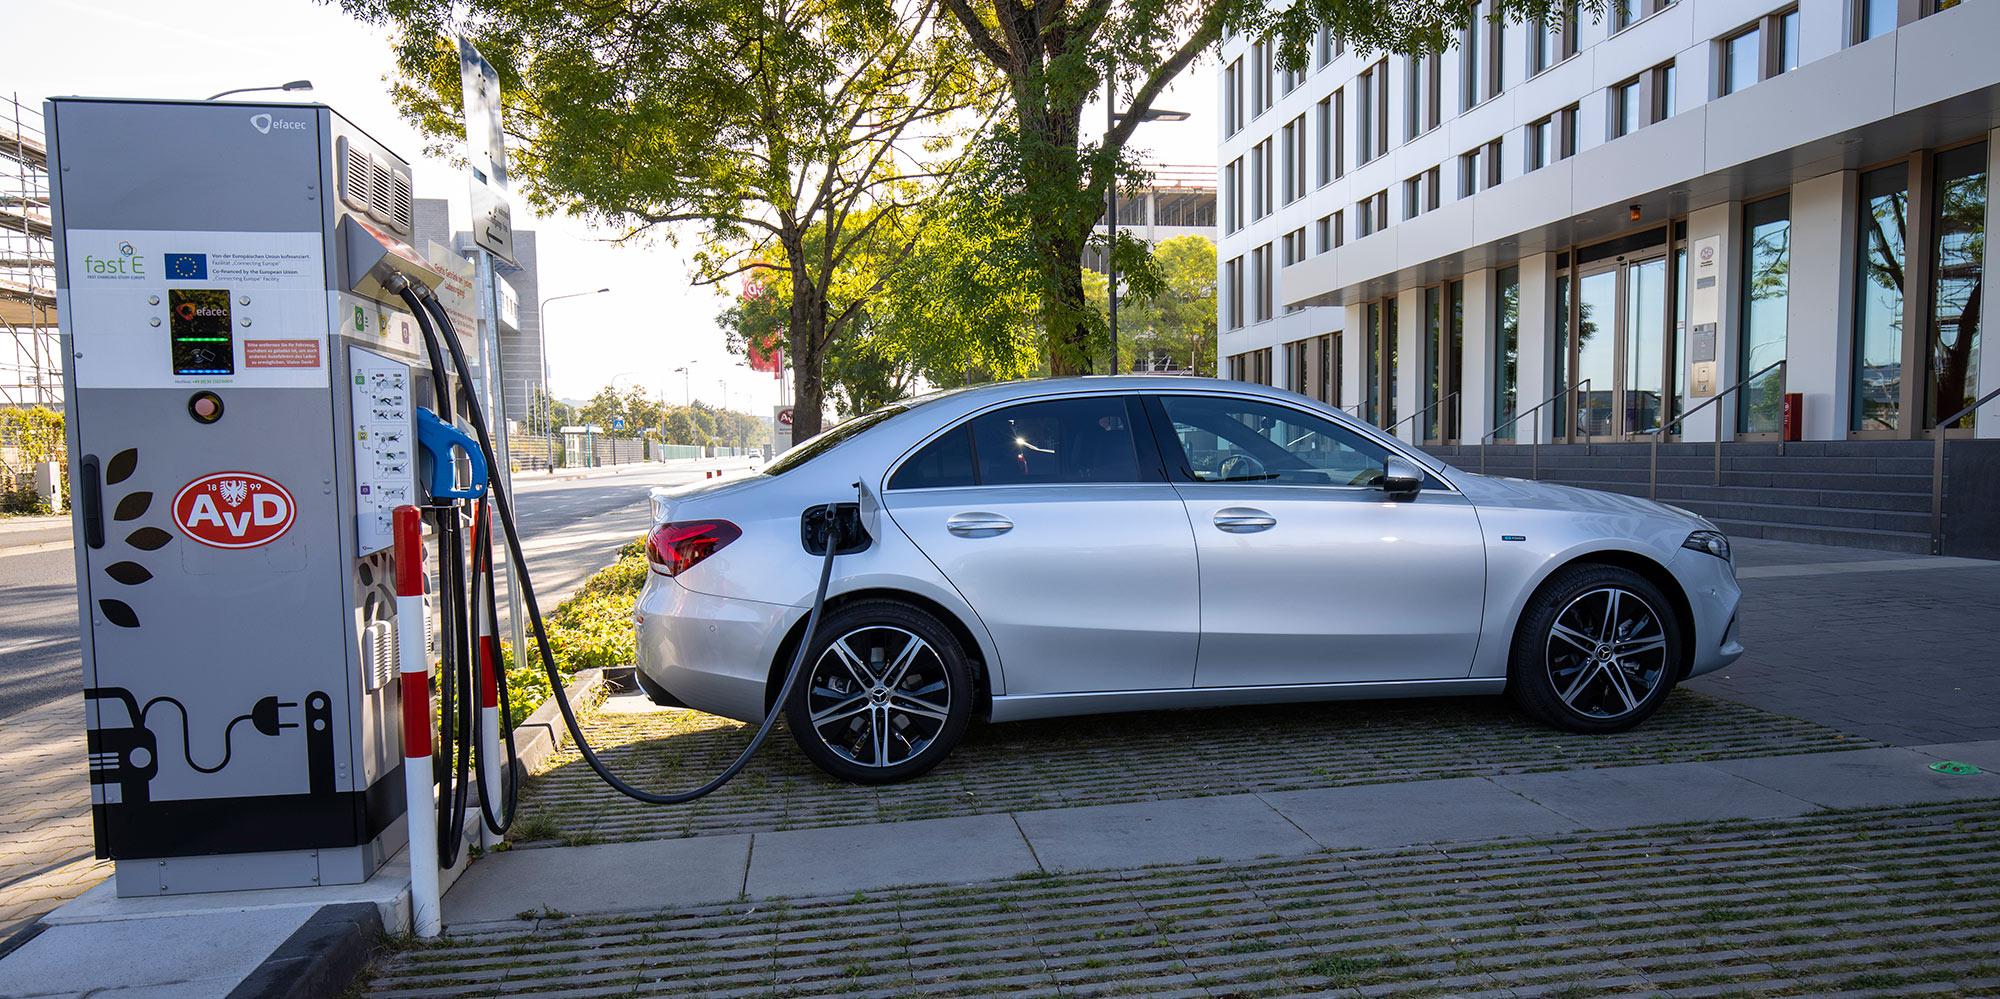 La berline Mercedes-Benz A 250e génère des émissions de CO2 d'environ 32 g / km. La charge CC de 10 à 80% prend 25 minutes.